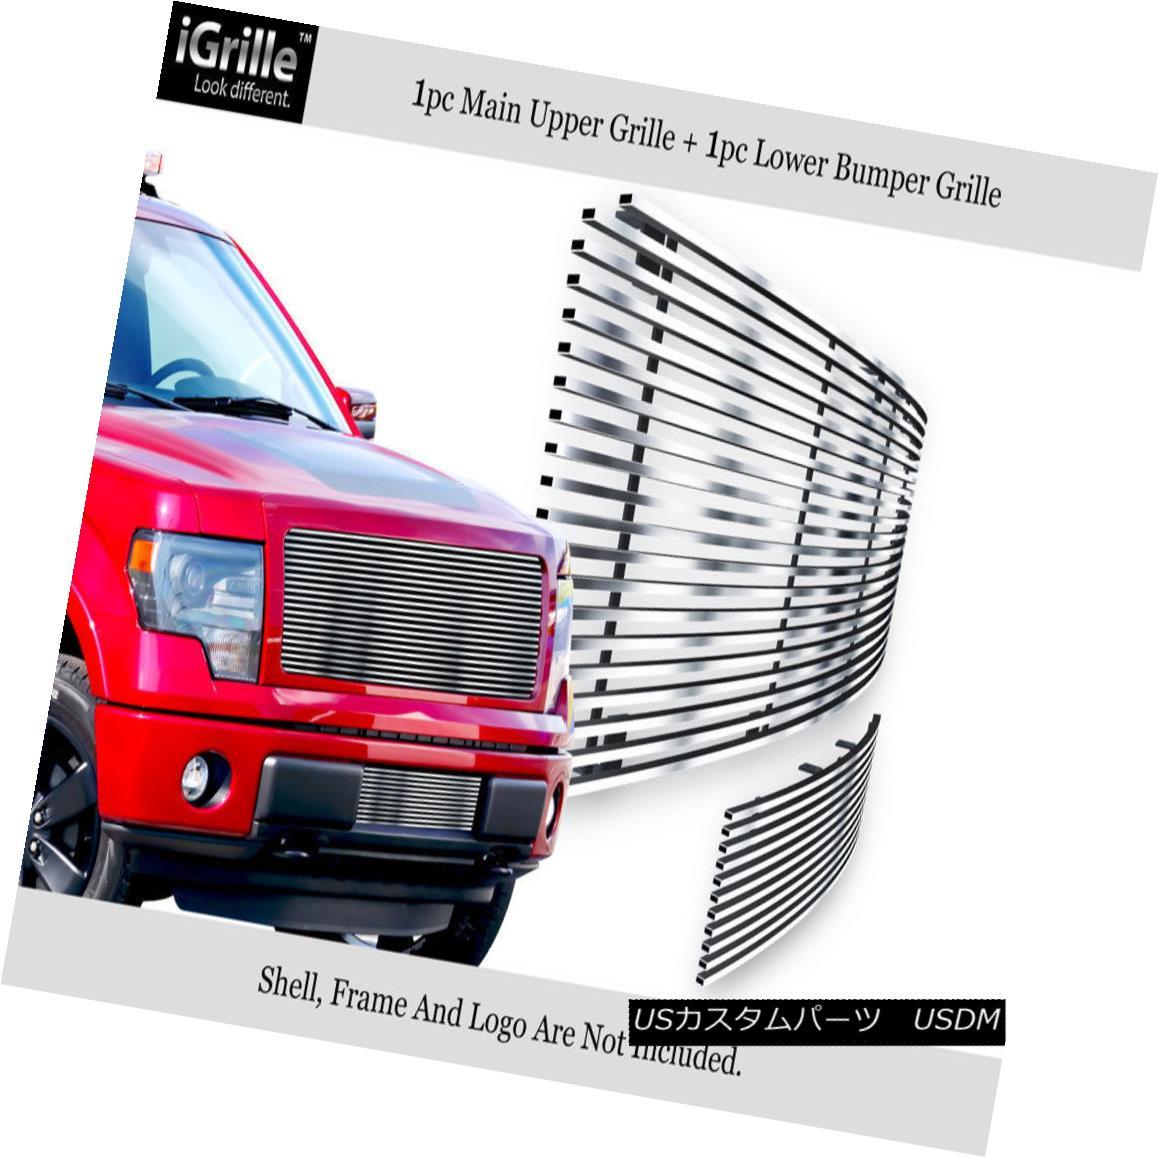 グリル For 2009-2014 Ford F150 Stainless Steel Billet Grille Grill Insert Upper+Lower 2009?2014年フォードF150ステンレス鋼ビレットグリルグリルインサートアッパー+ロワー